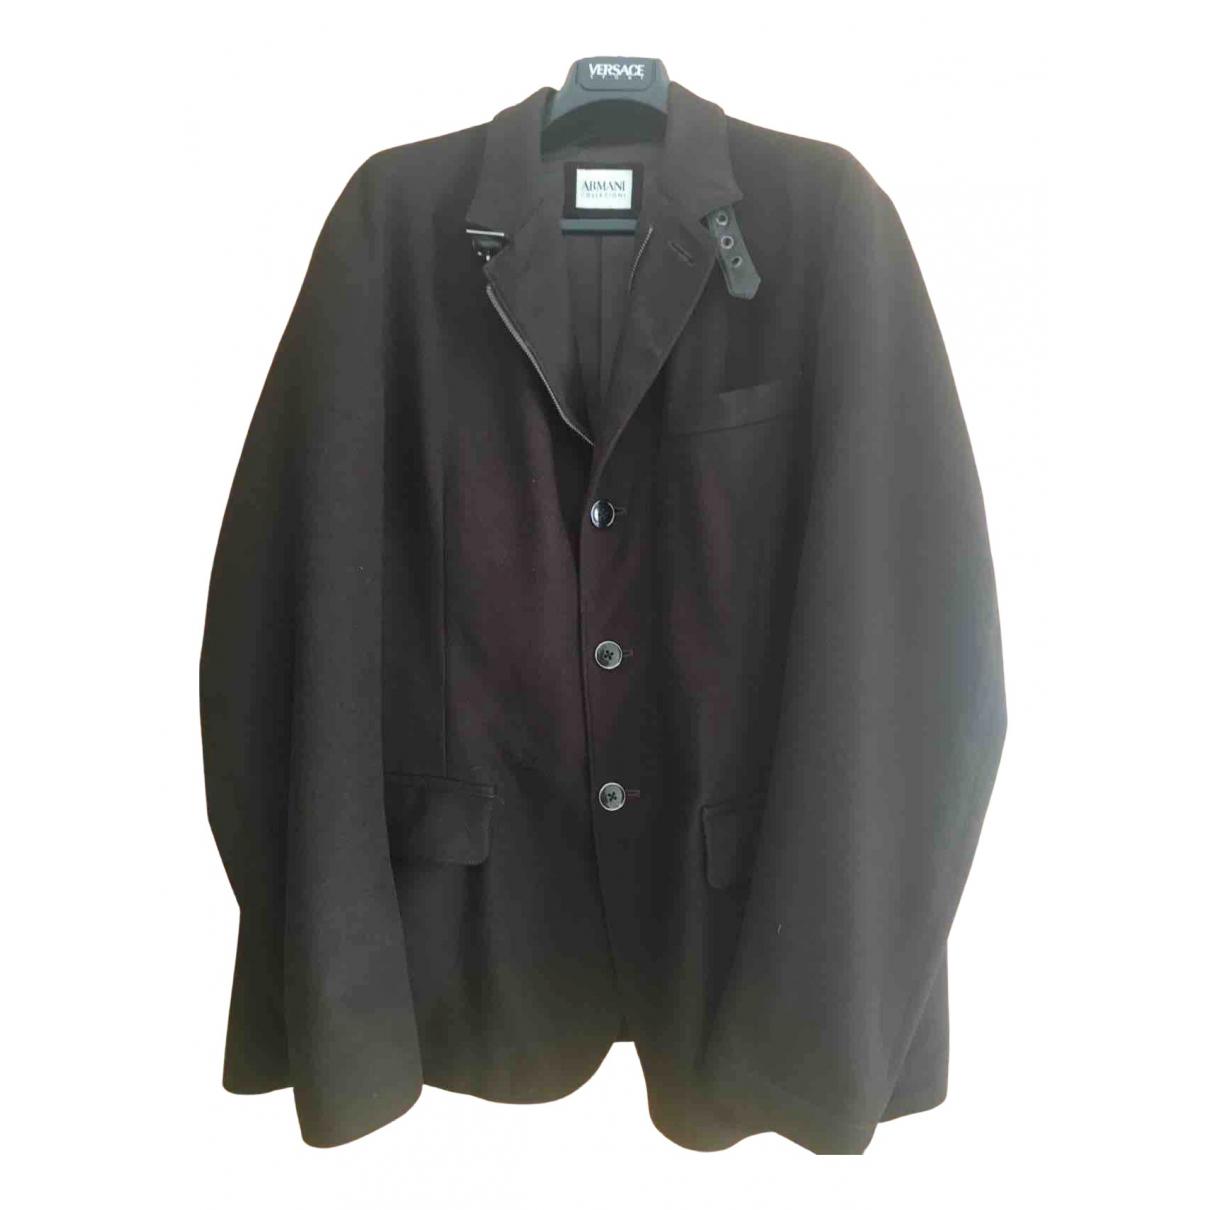 Armani Collezioni - Manteau   pour homme en laine - marron